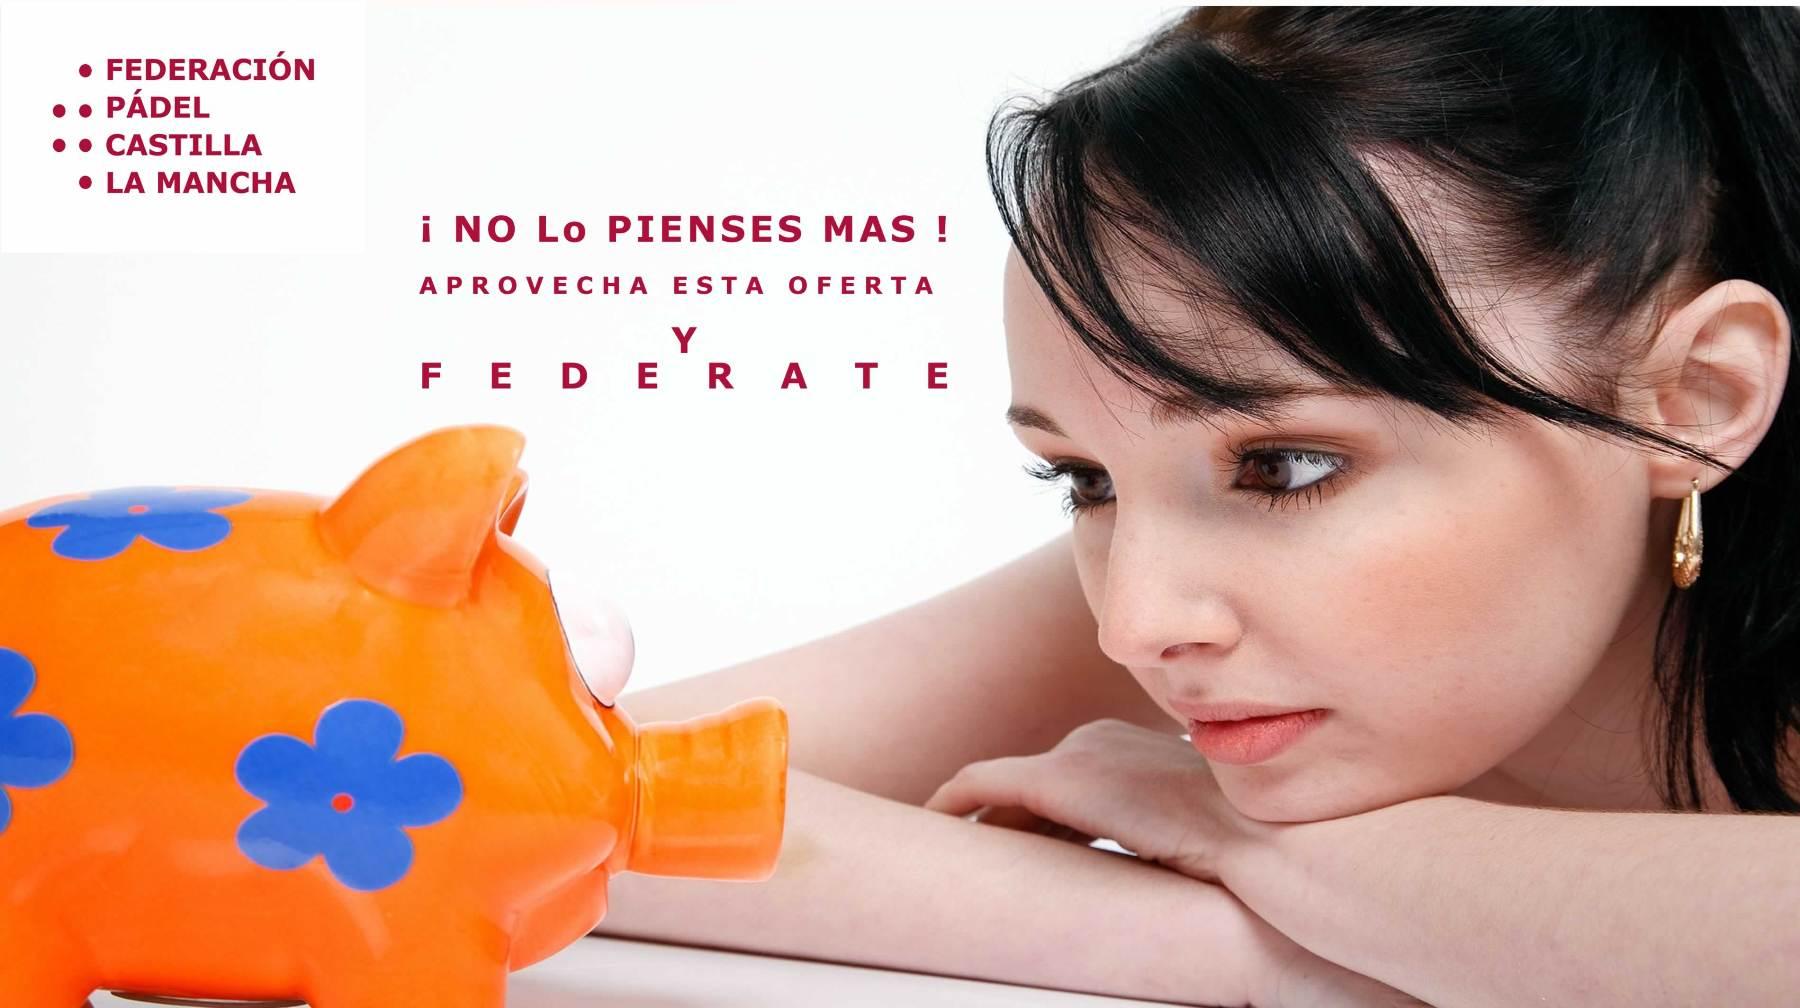 Importante descuento en la licencia federativa de la FPCLM. ¿A que esperas? ¡¡¡ FEDERATE !!!